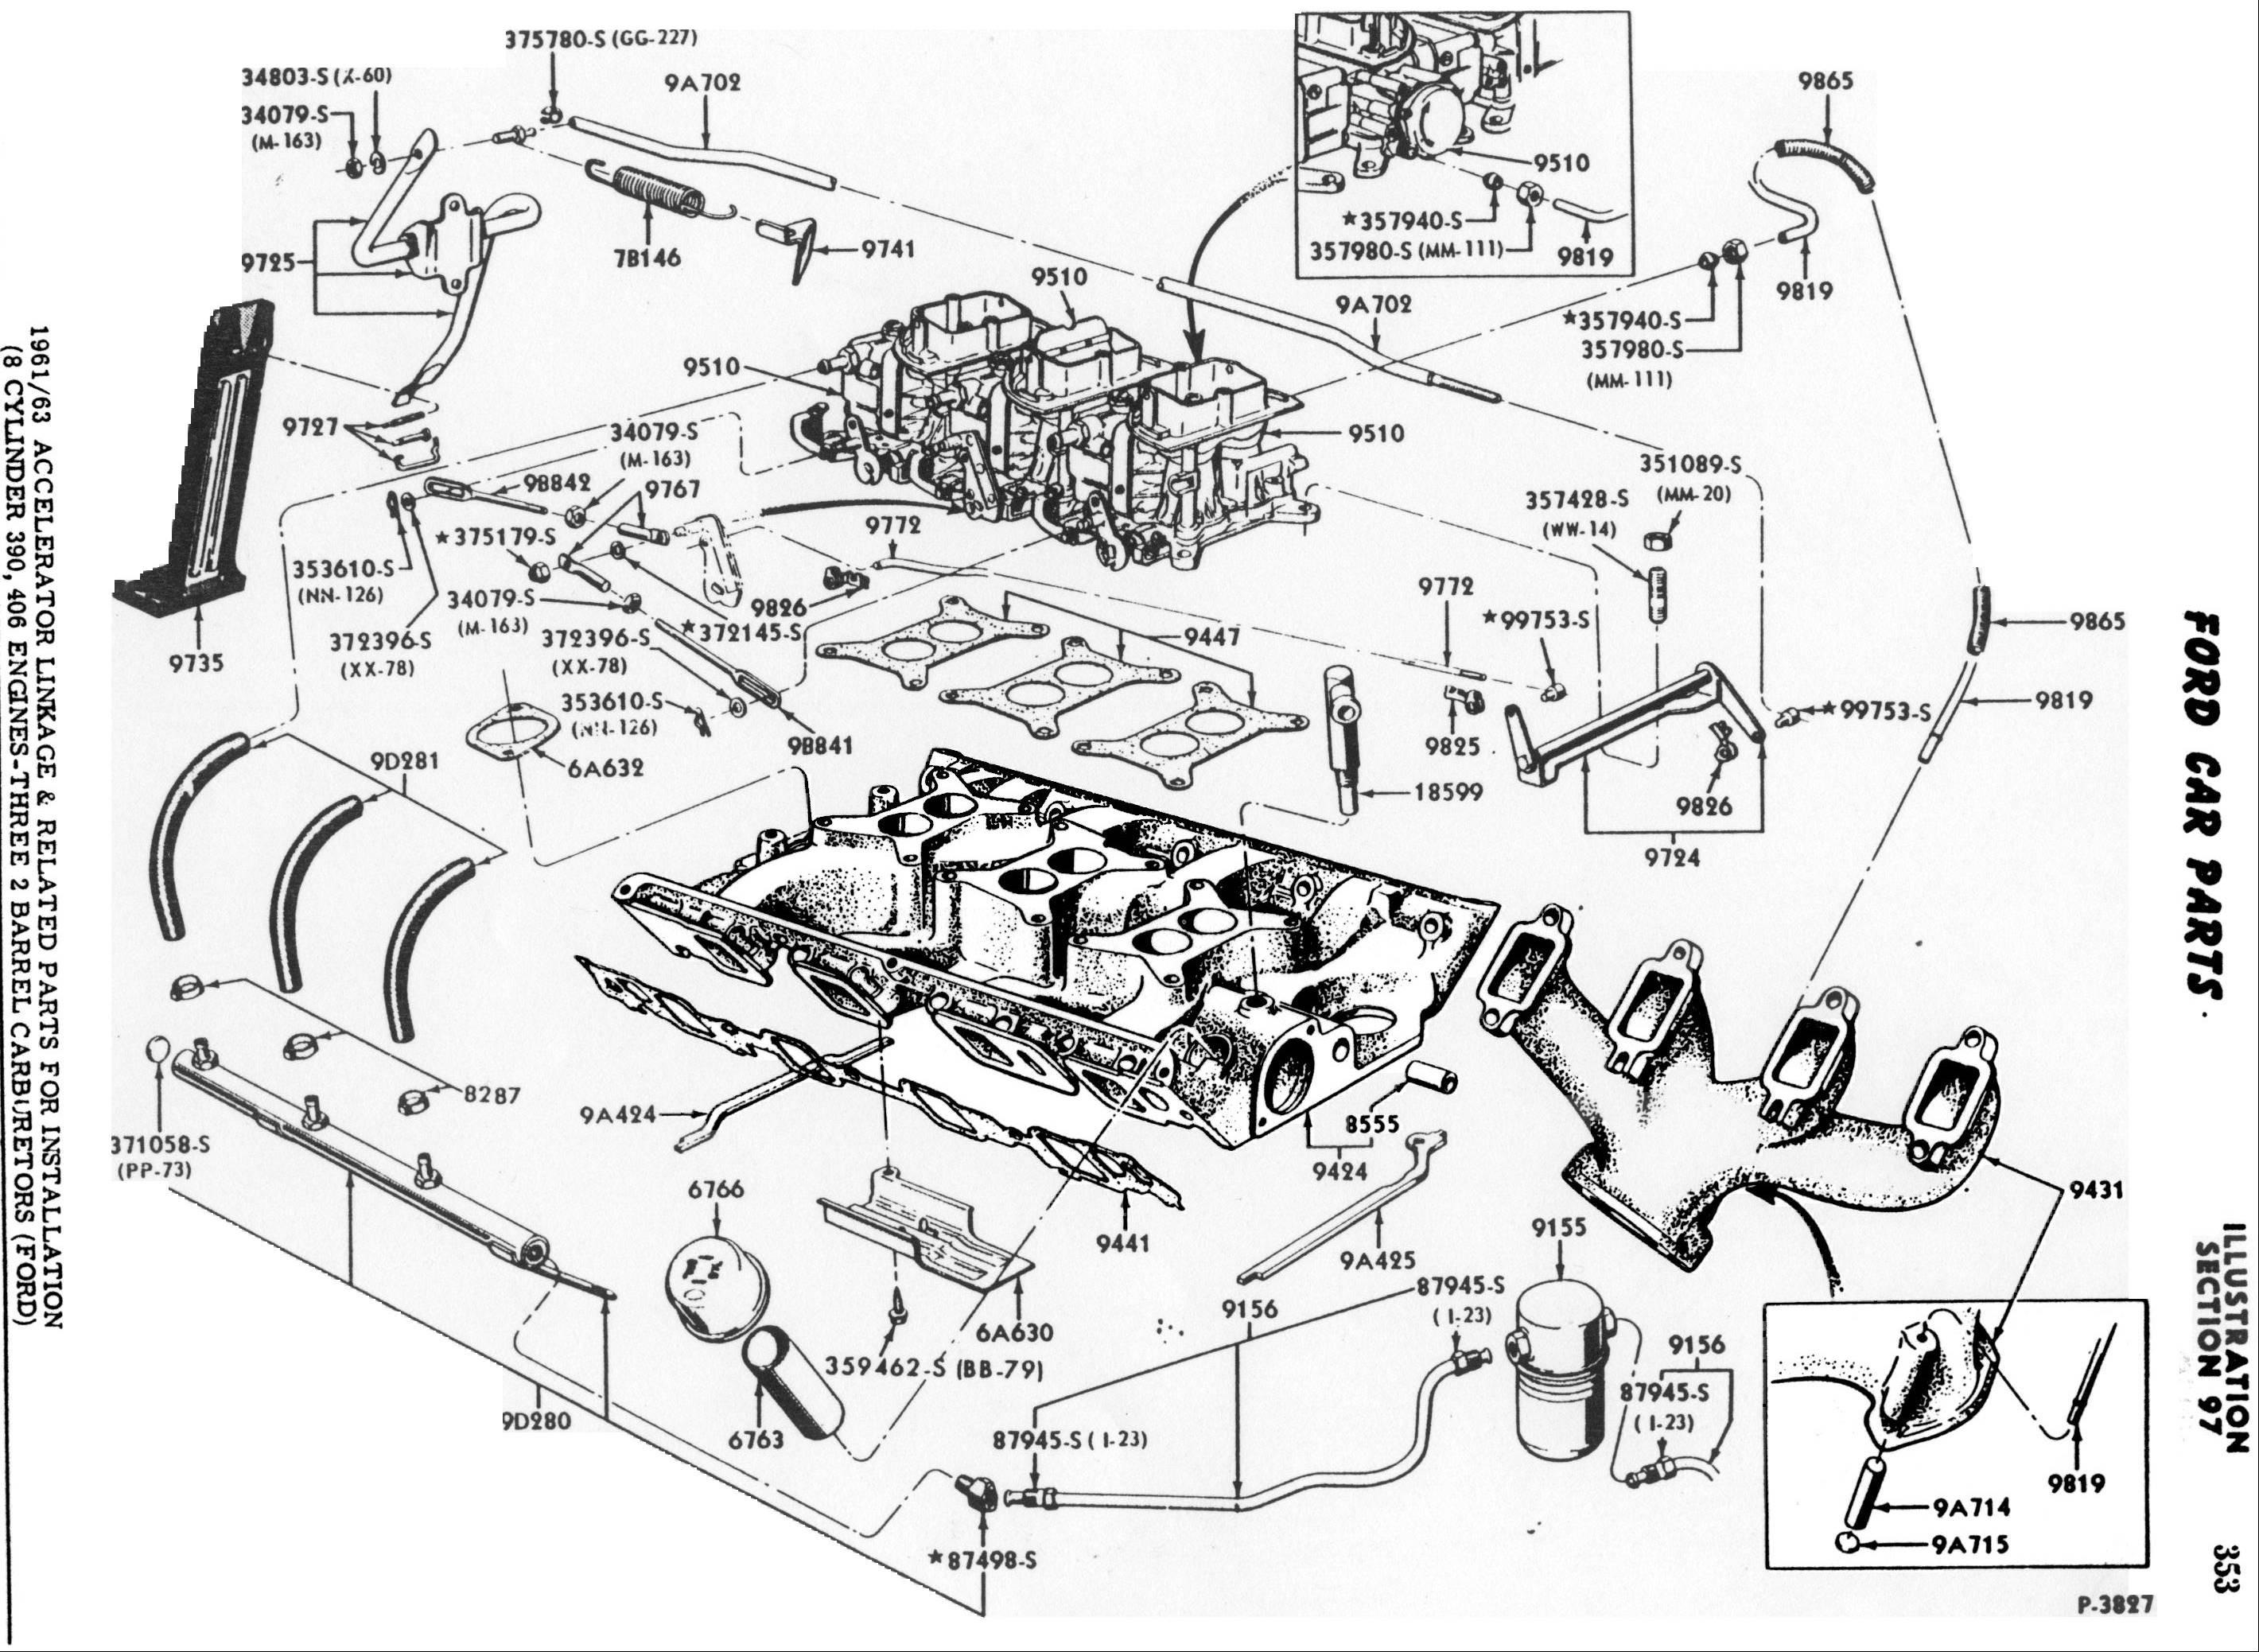 390 ford engine diagram diy wiring diagrams u2022 rh socialadder co